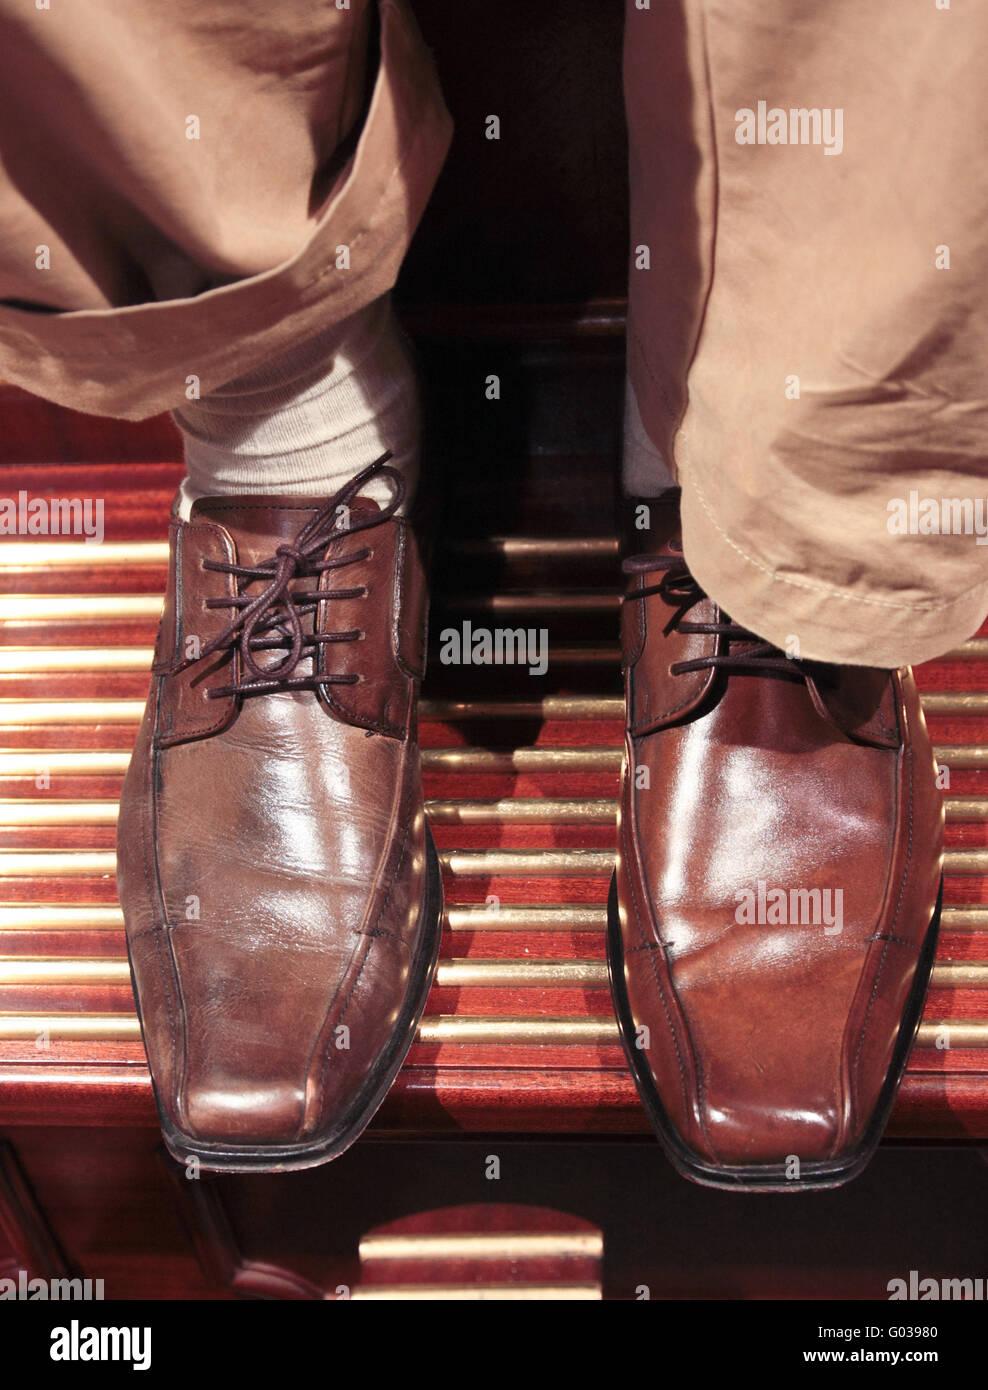 shining shoes - Stock Image